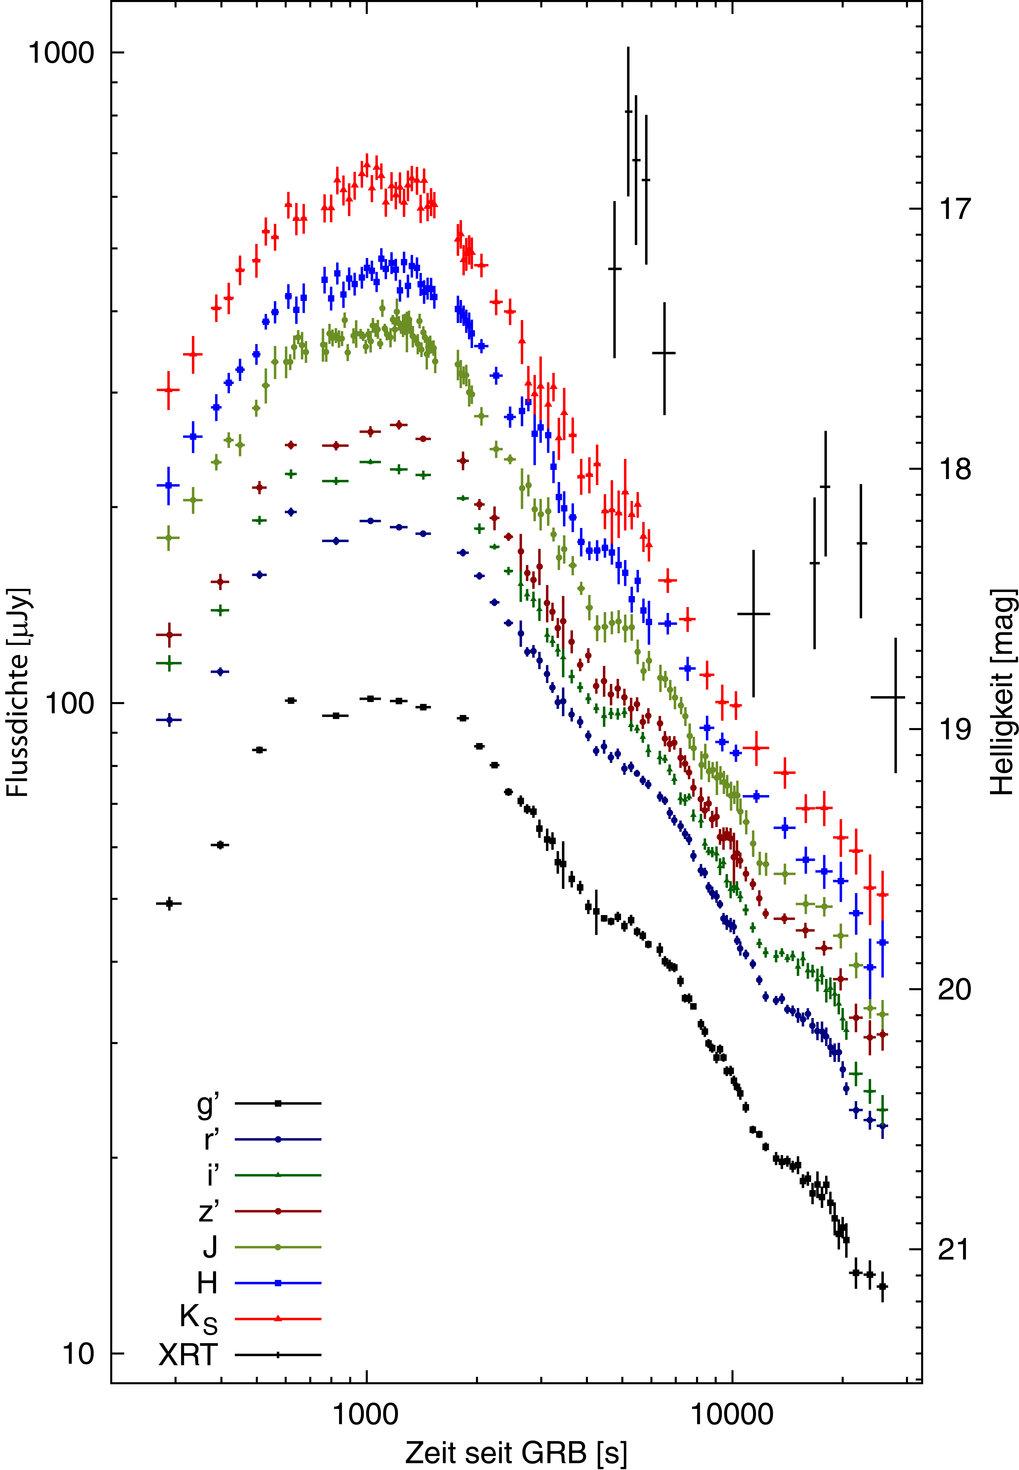 Lichtkurve von GRB 071031 in 7 verschiedenen Filterbändern, gewonnen mit GROND am 2,2m- MPG/ESO-Teleskop auf La Silla (Chile). Das Spektrum während de